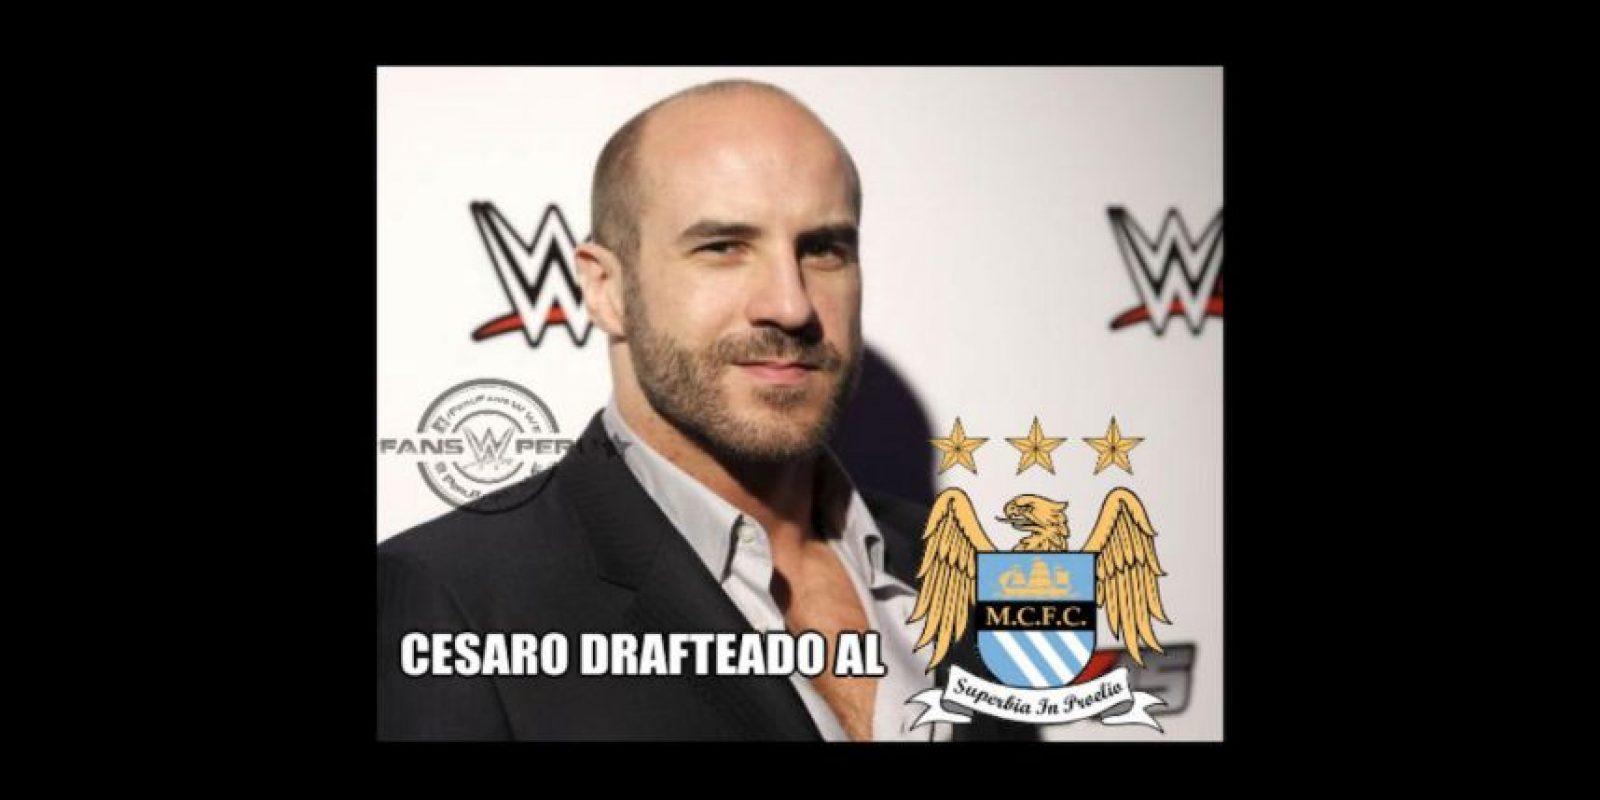 Las mejores burlas del Draft de WWE Foto:Facebook